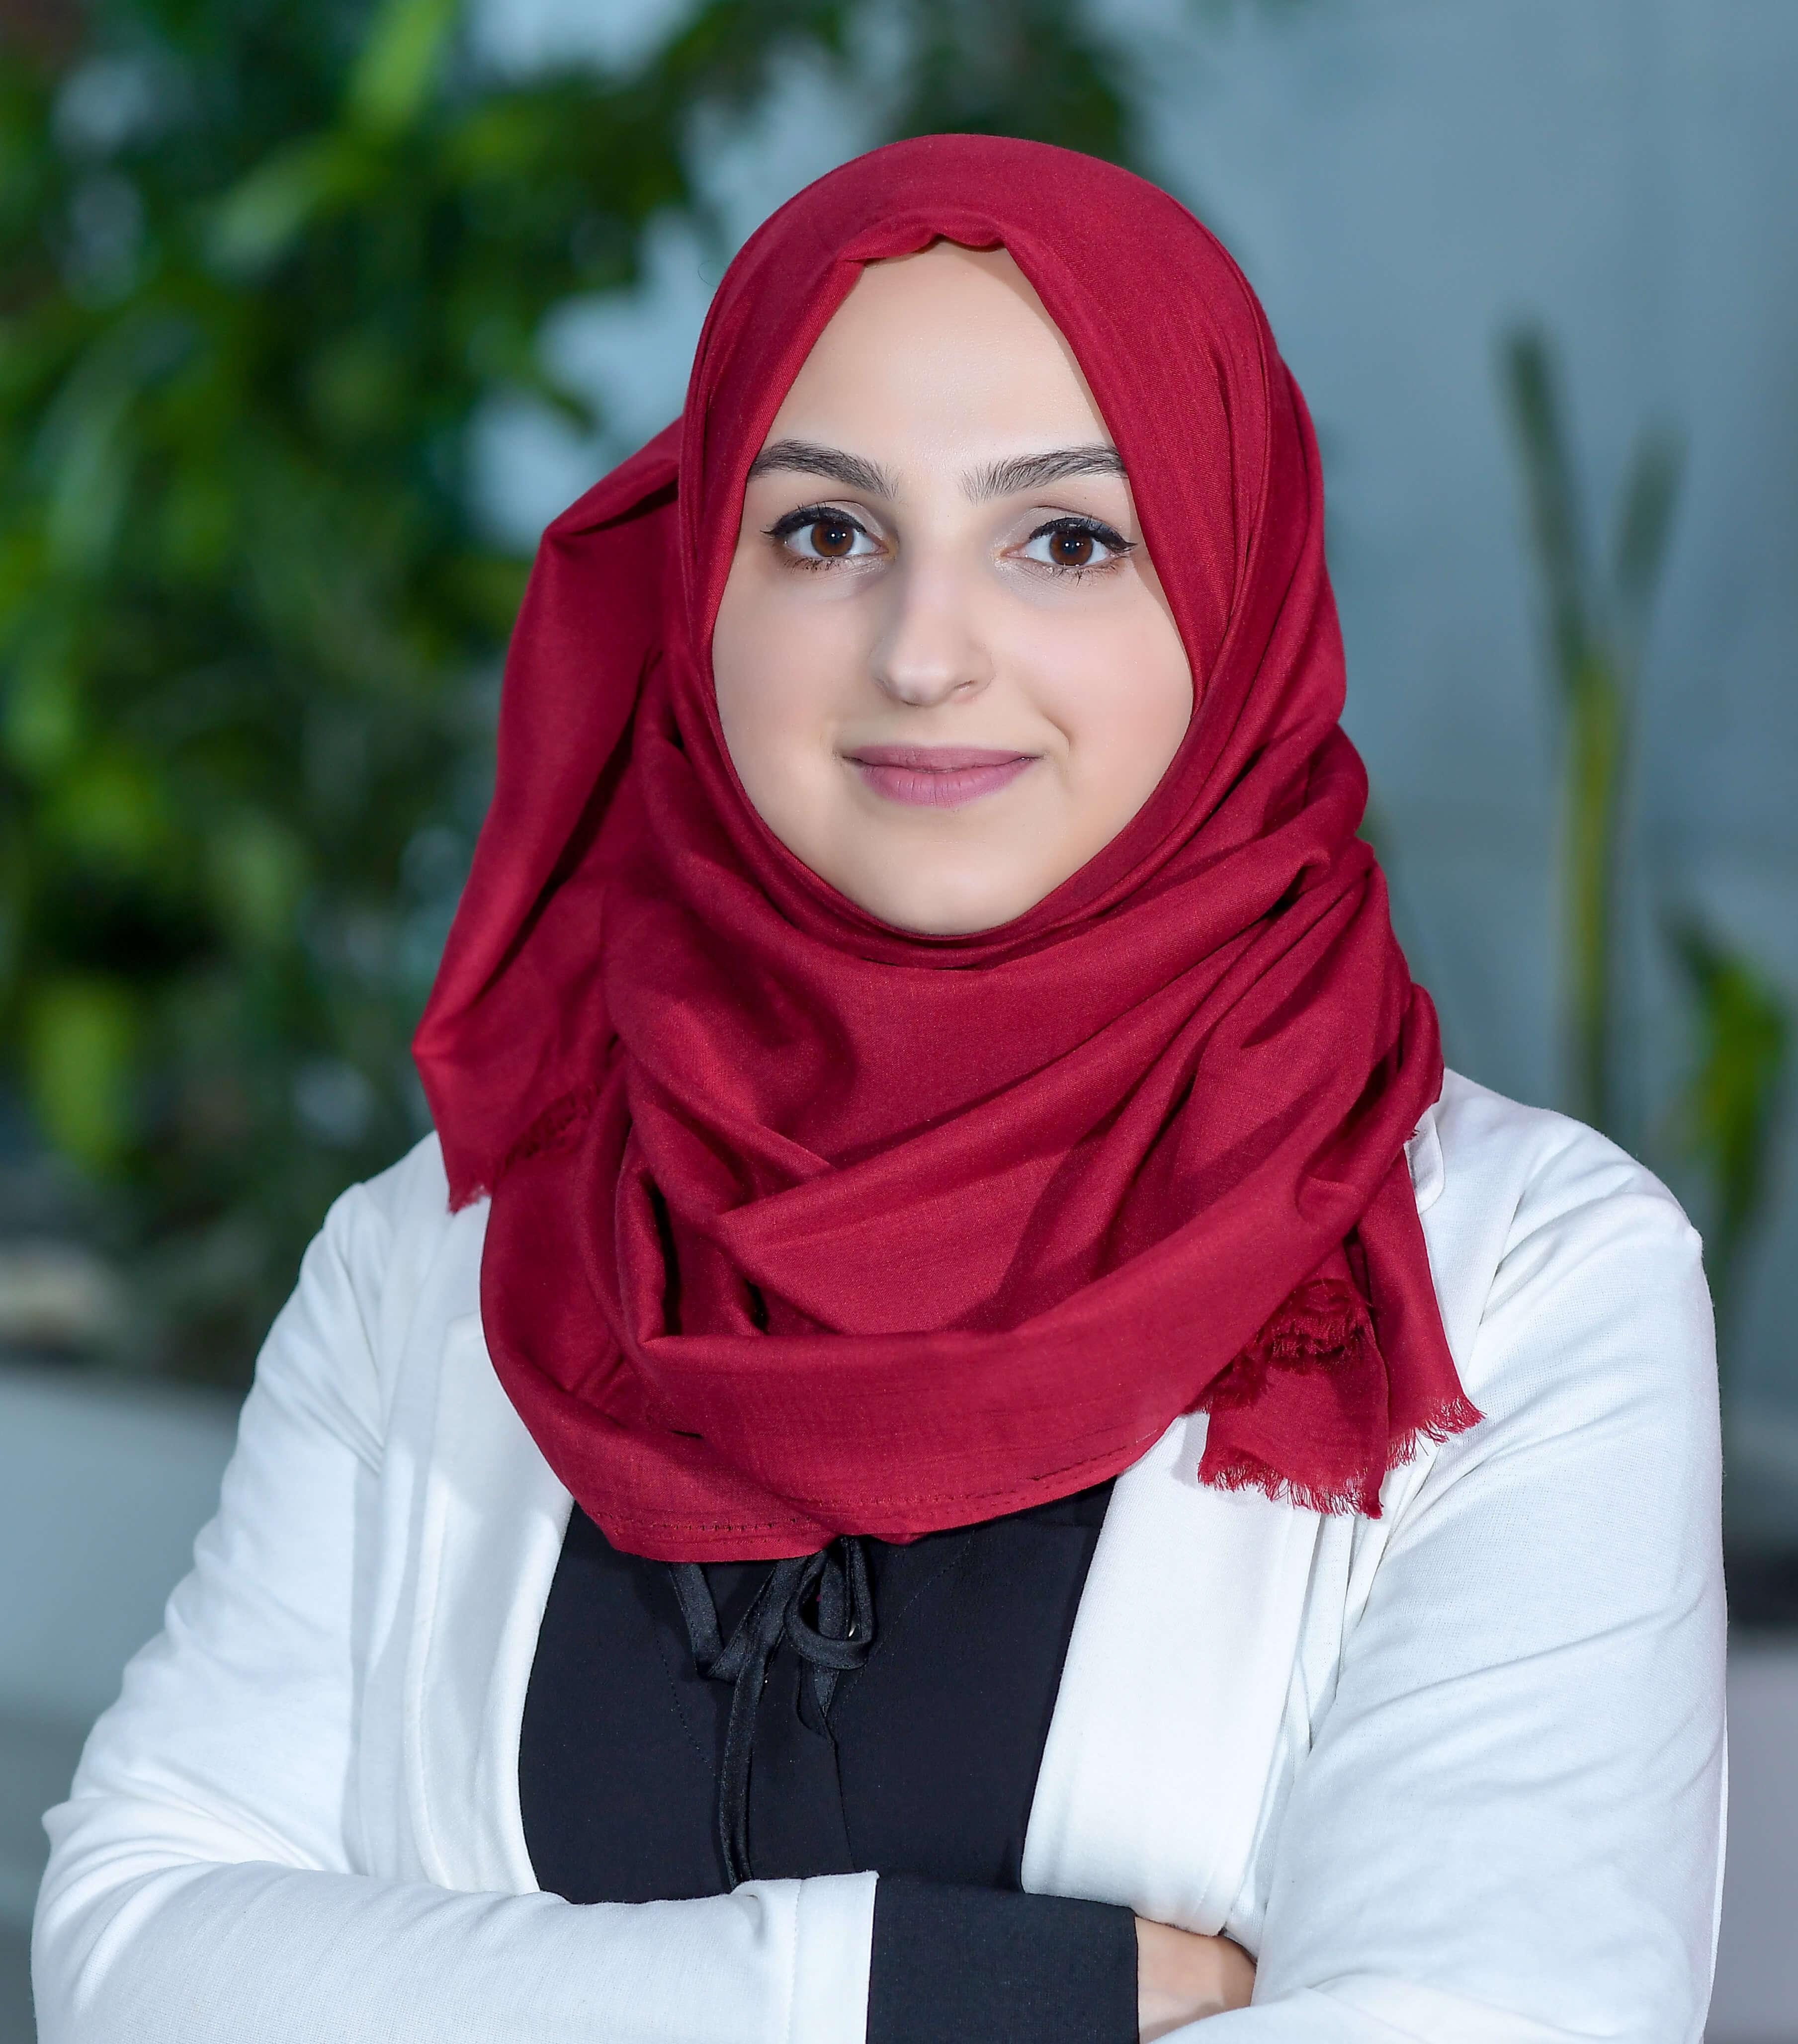 Mariam Ouda